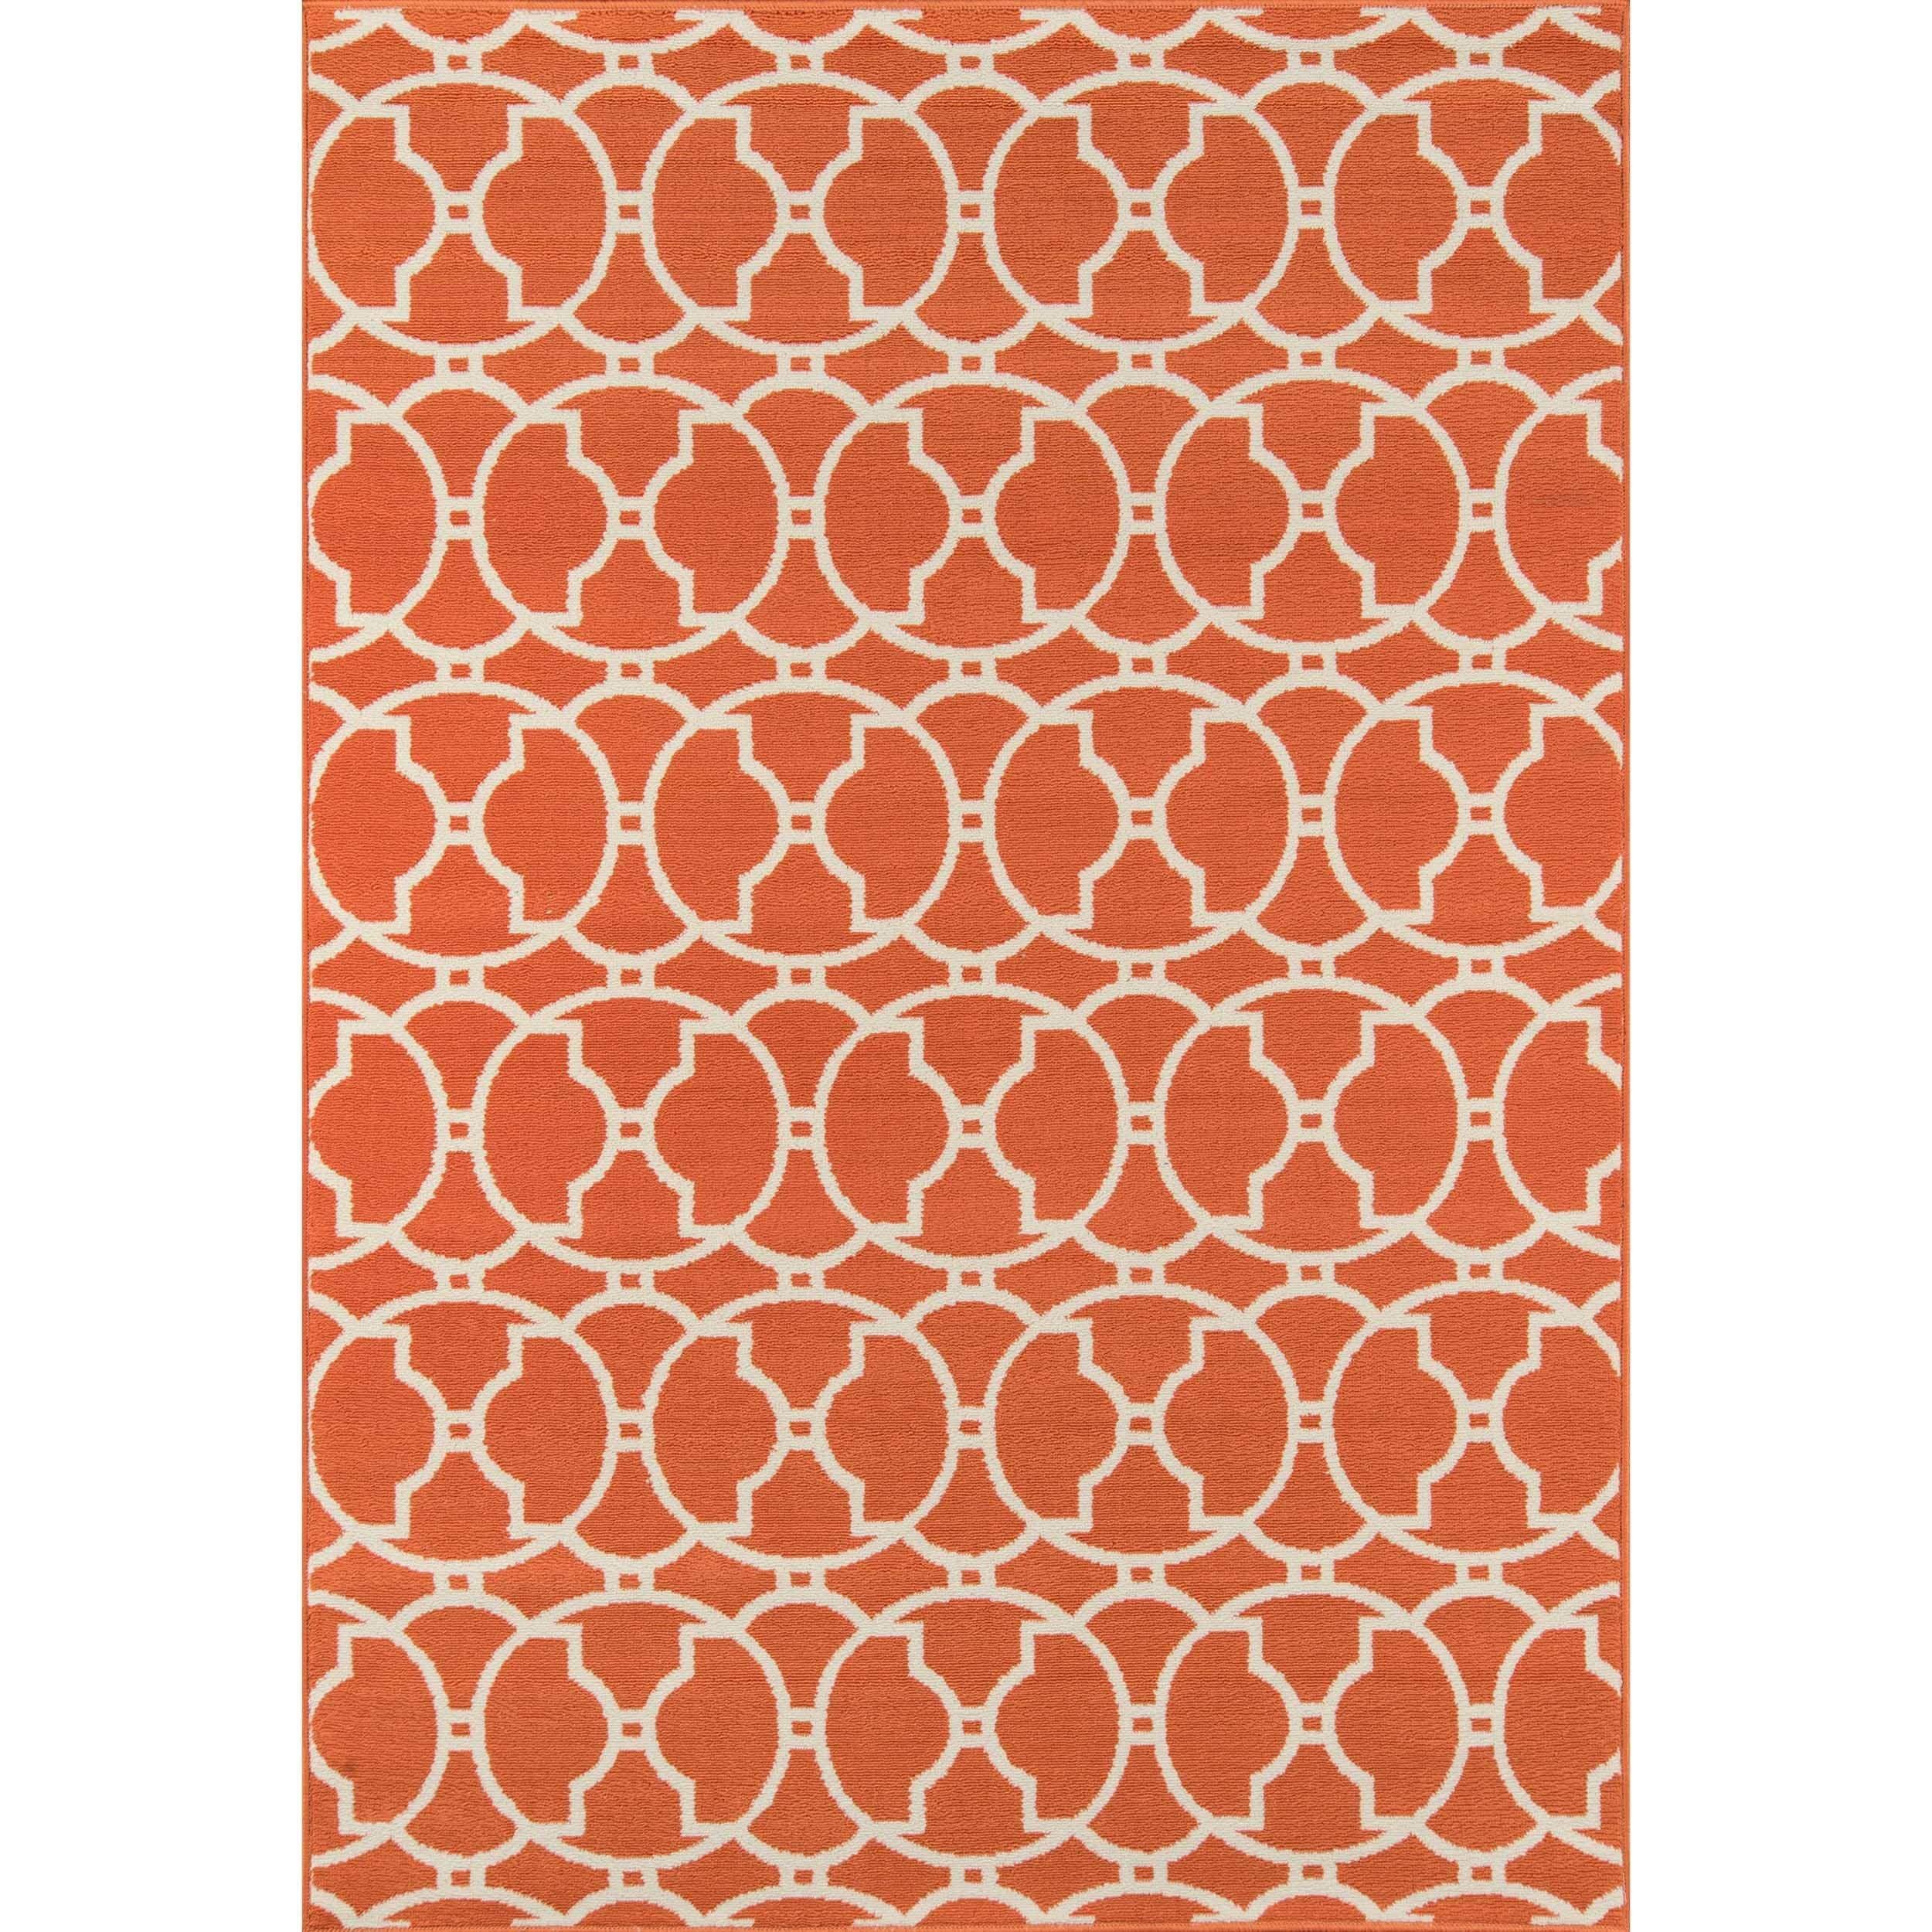 Momeni Moroccan Tile Orange Indoor/ Outdoor Rug (5'3 x 7'6)